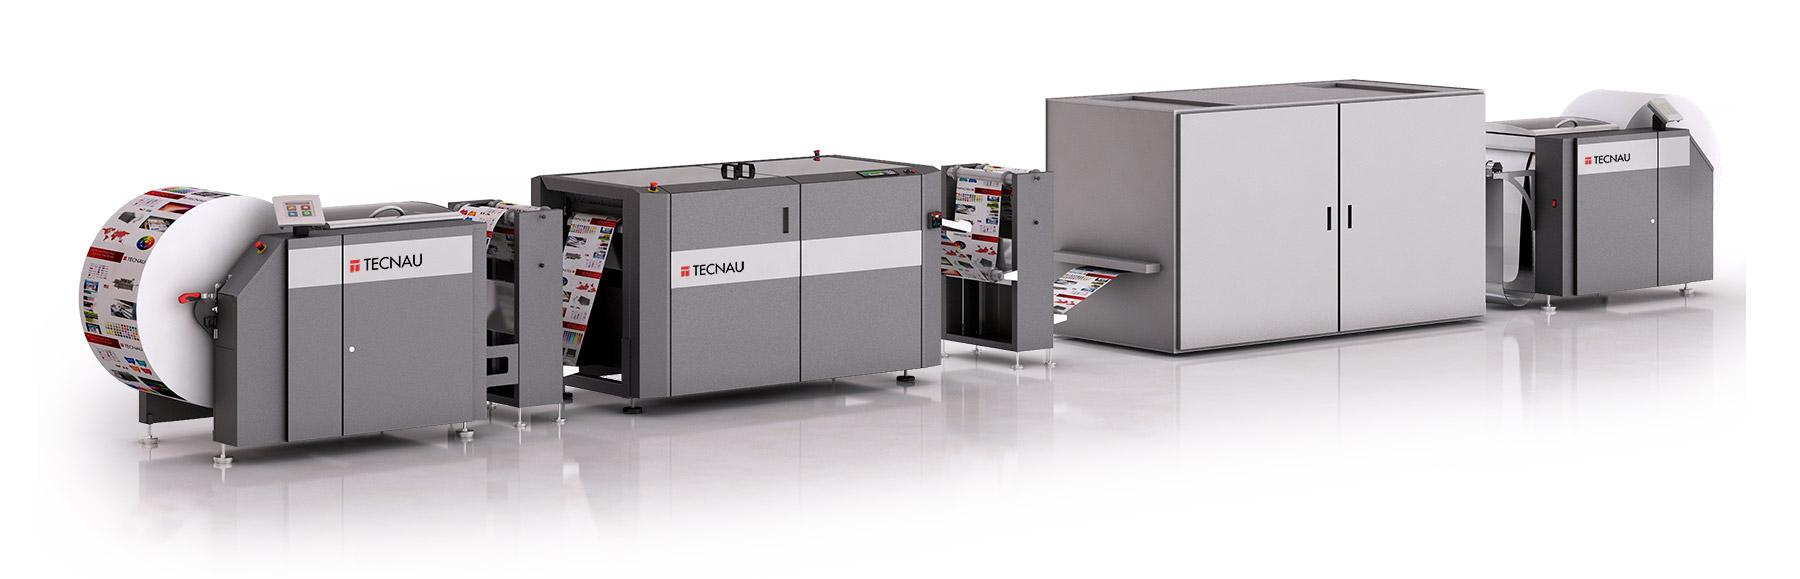 Commercial Printing - Tecnau